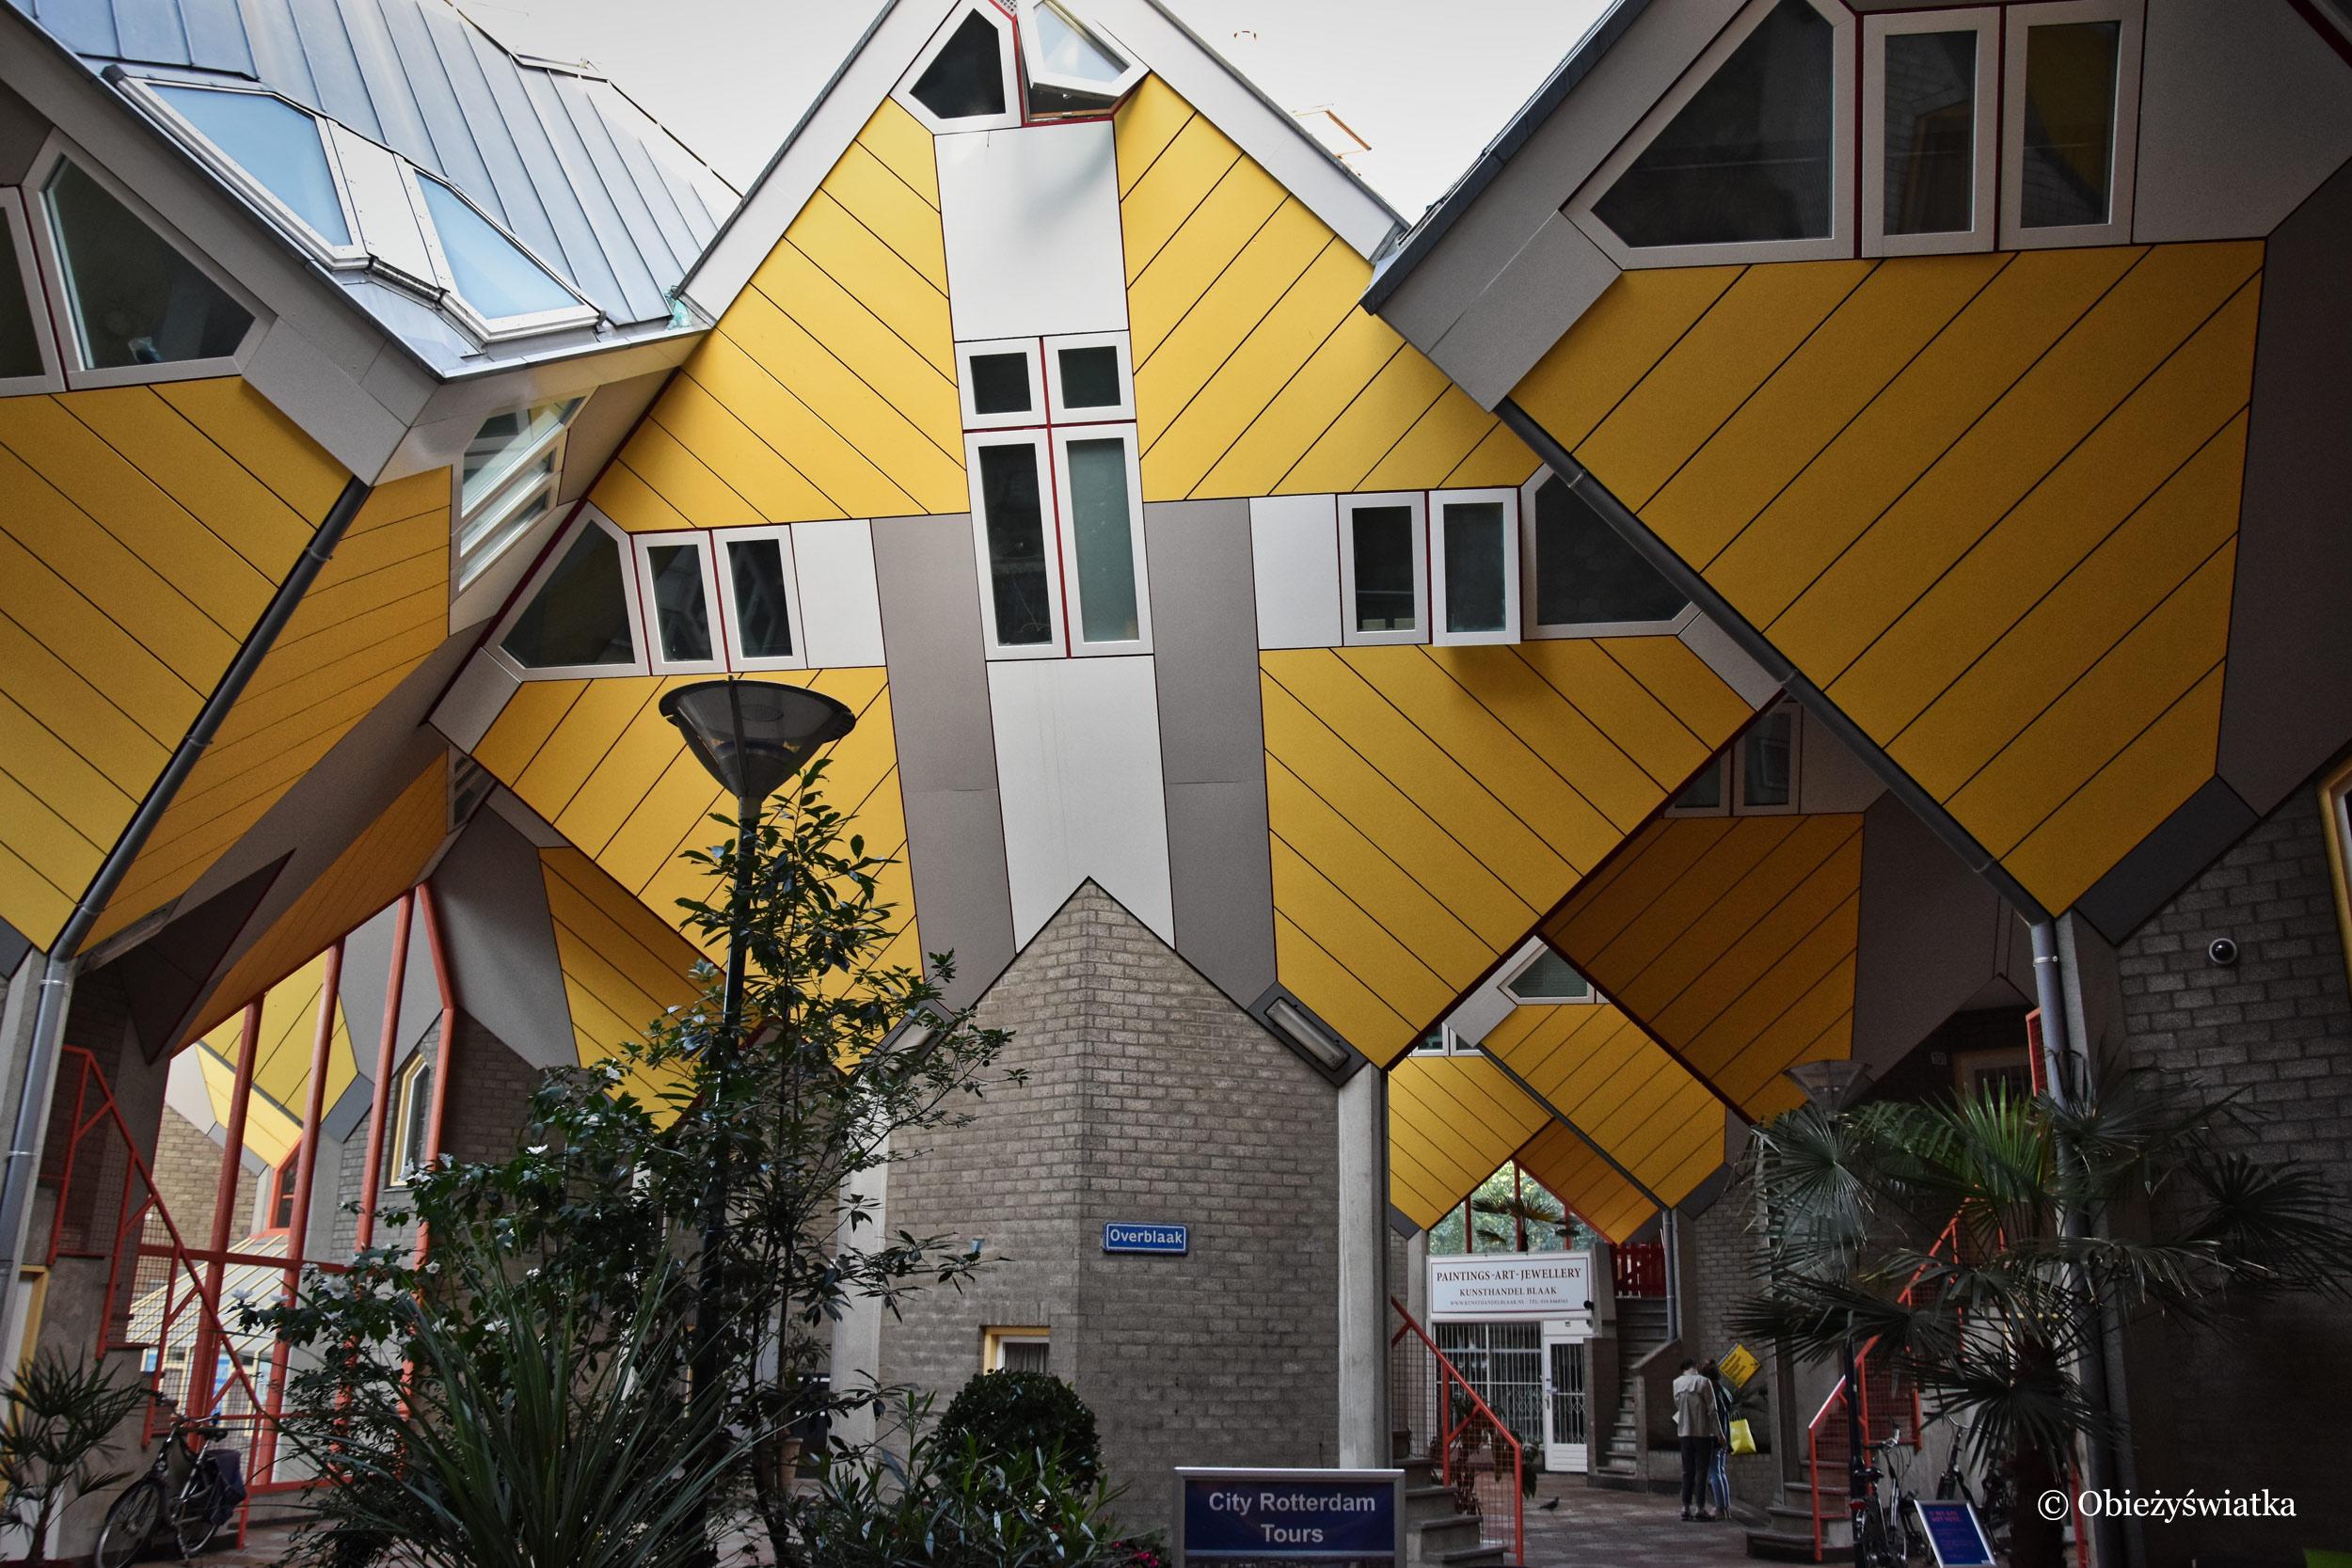 Pomysłowy kompleks mieszkalny w Rotterdamie - Cube Houses